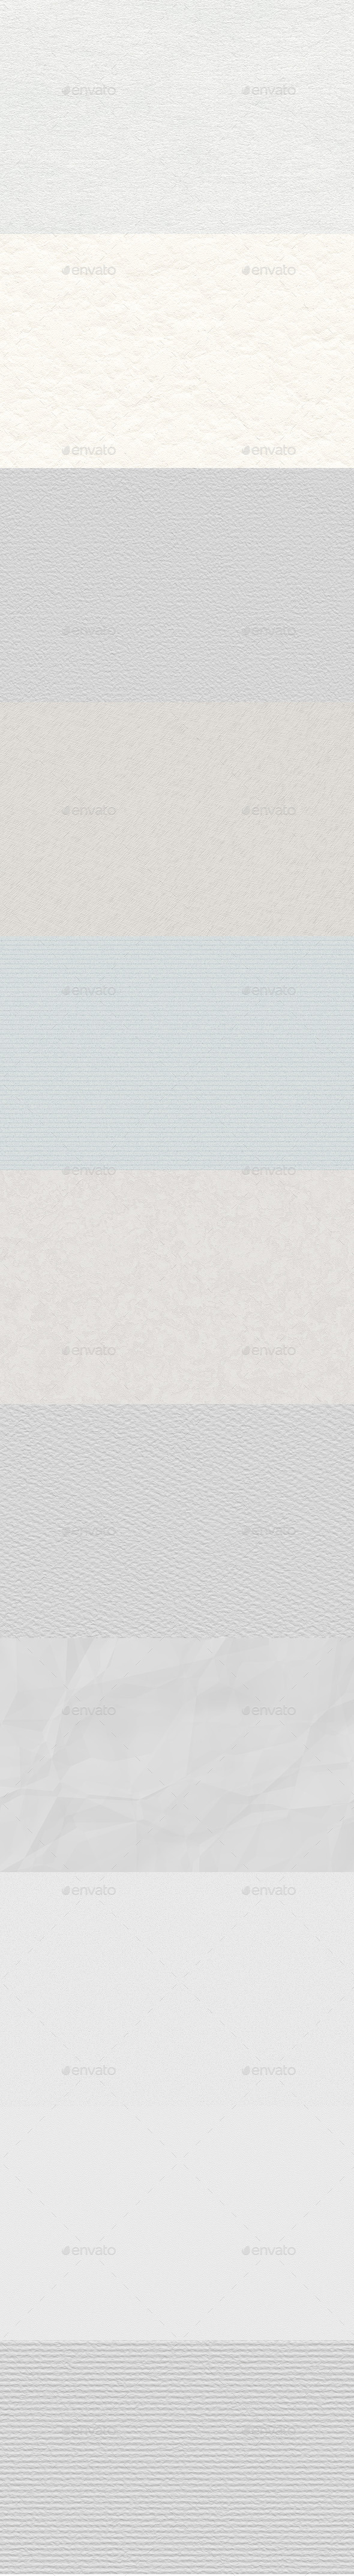 11 Paper Textures